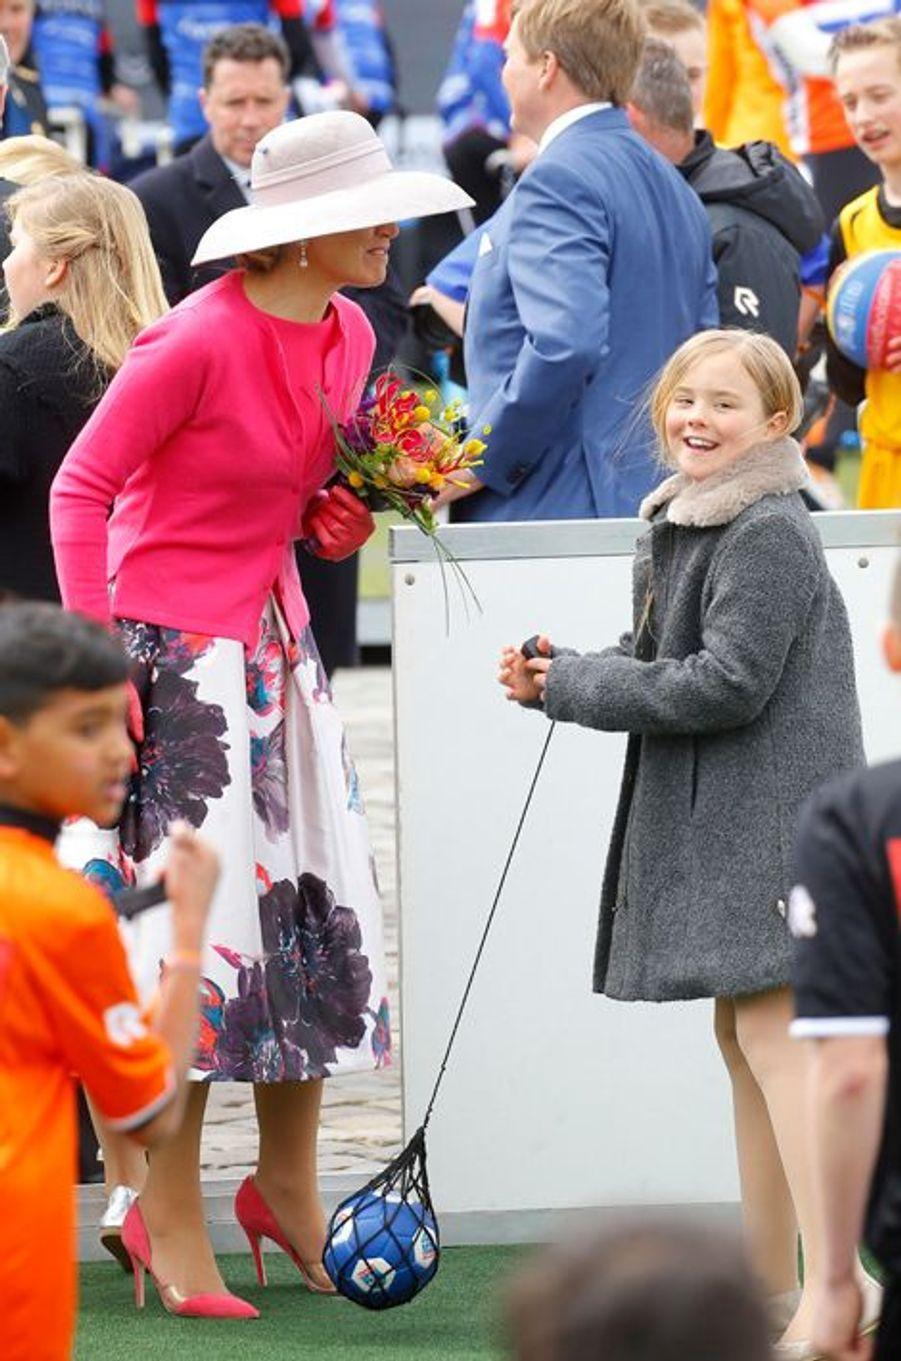 La princesse Ariane des Pays-Bas avec la reine Maxima à Zwolle, le 27 avril 2016